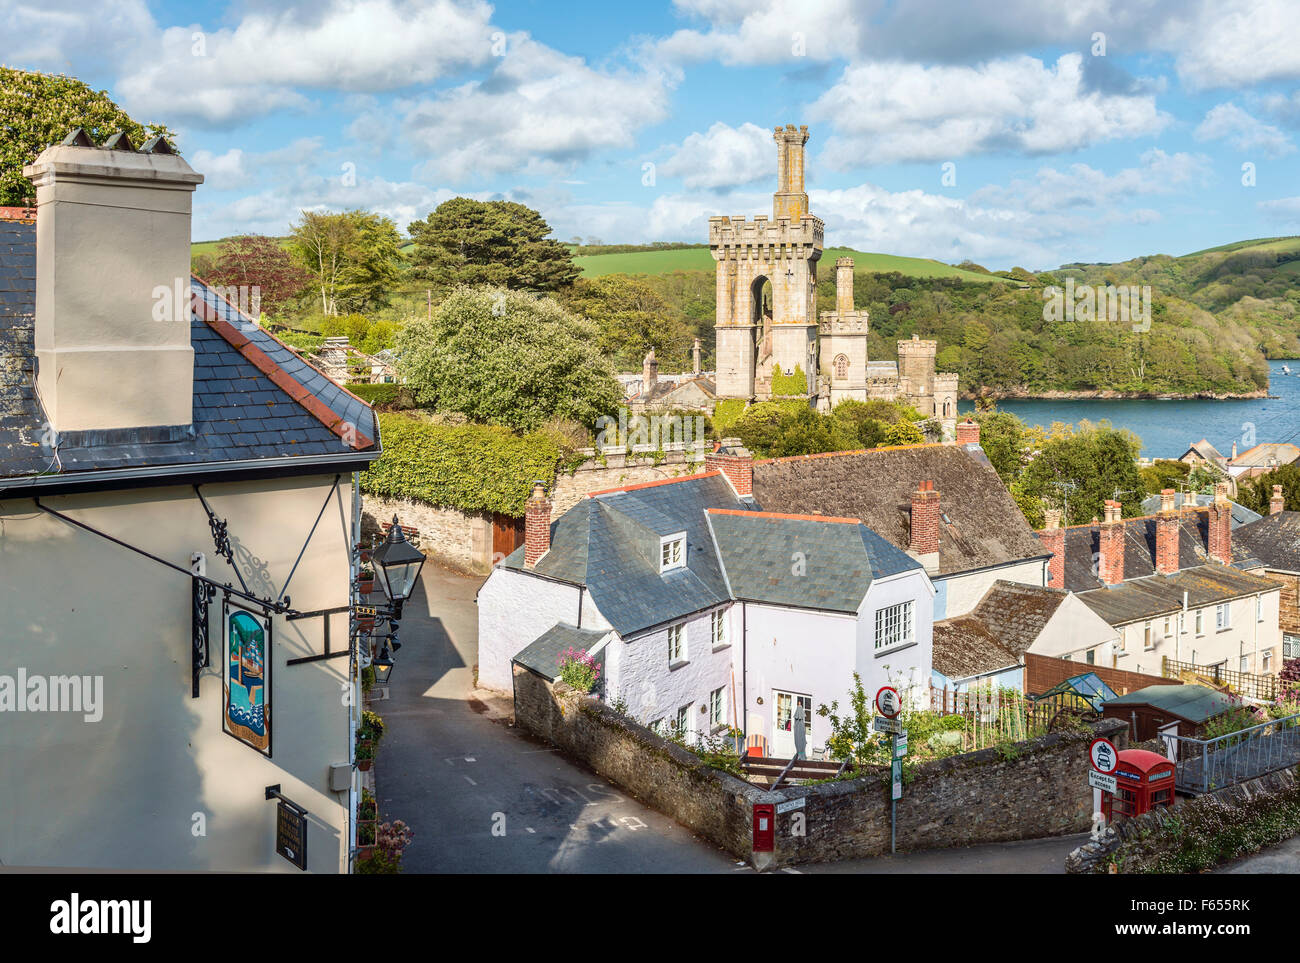 Panoramablick über die alte Stadt von Fowey, Cornwall, England, UK | Malerische Aussicht deutschen sterben Stockbild